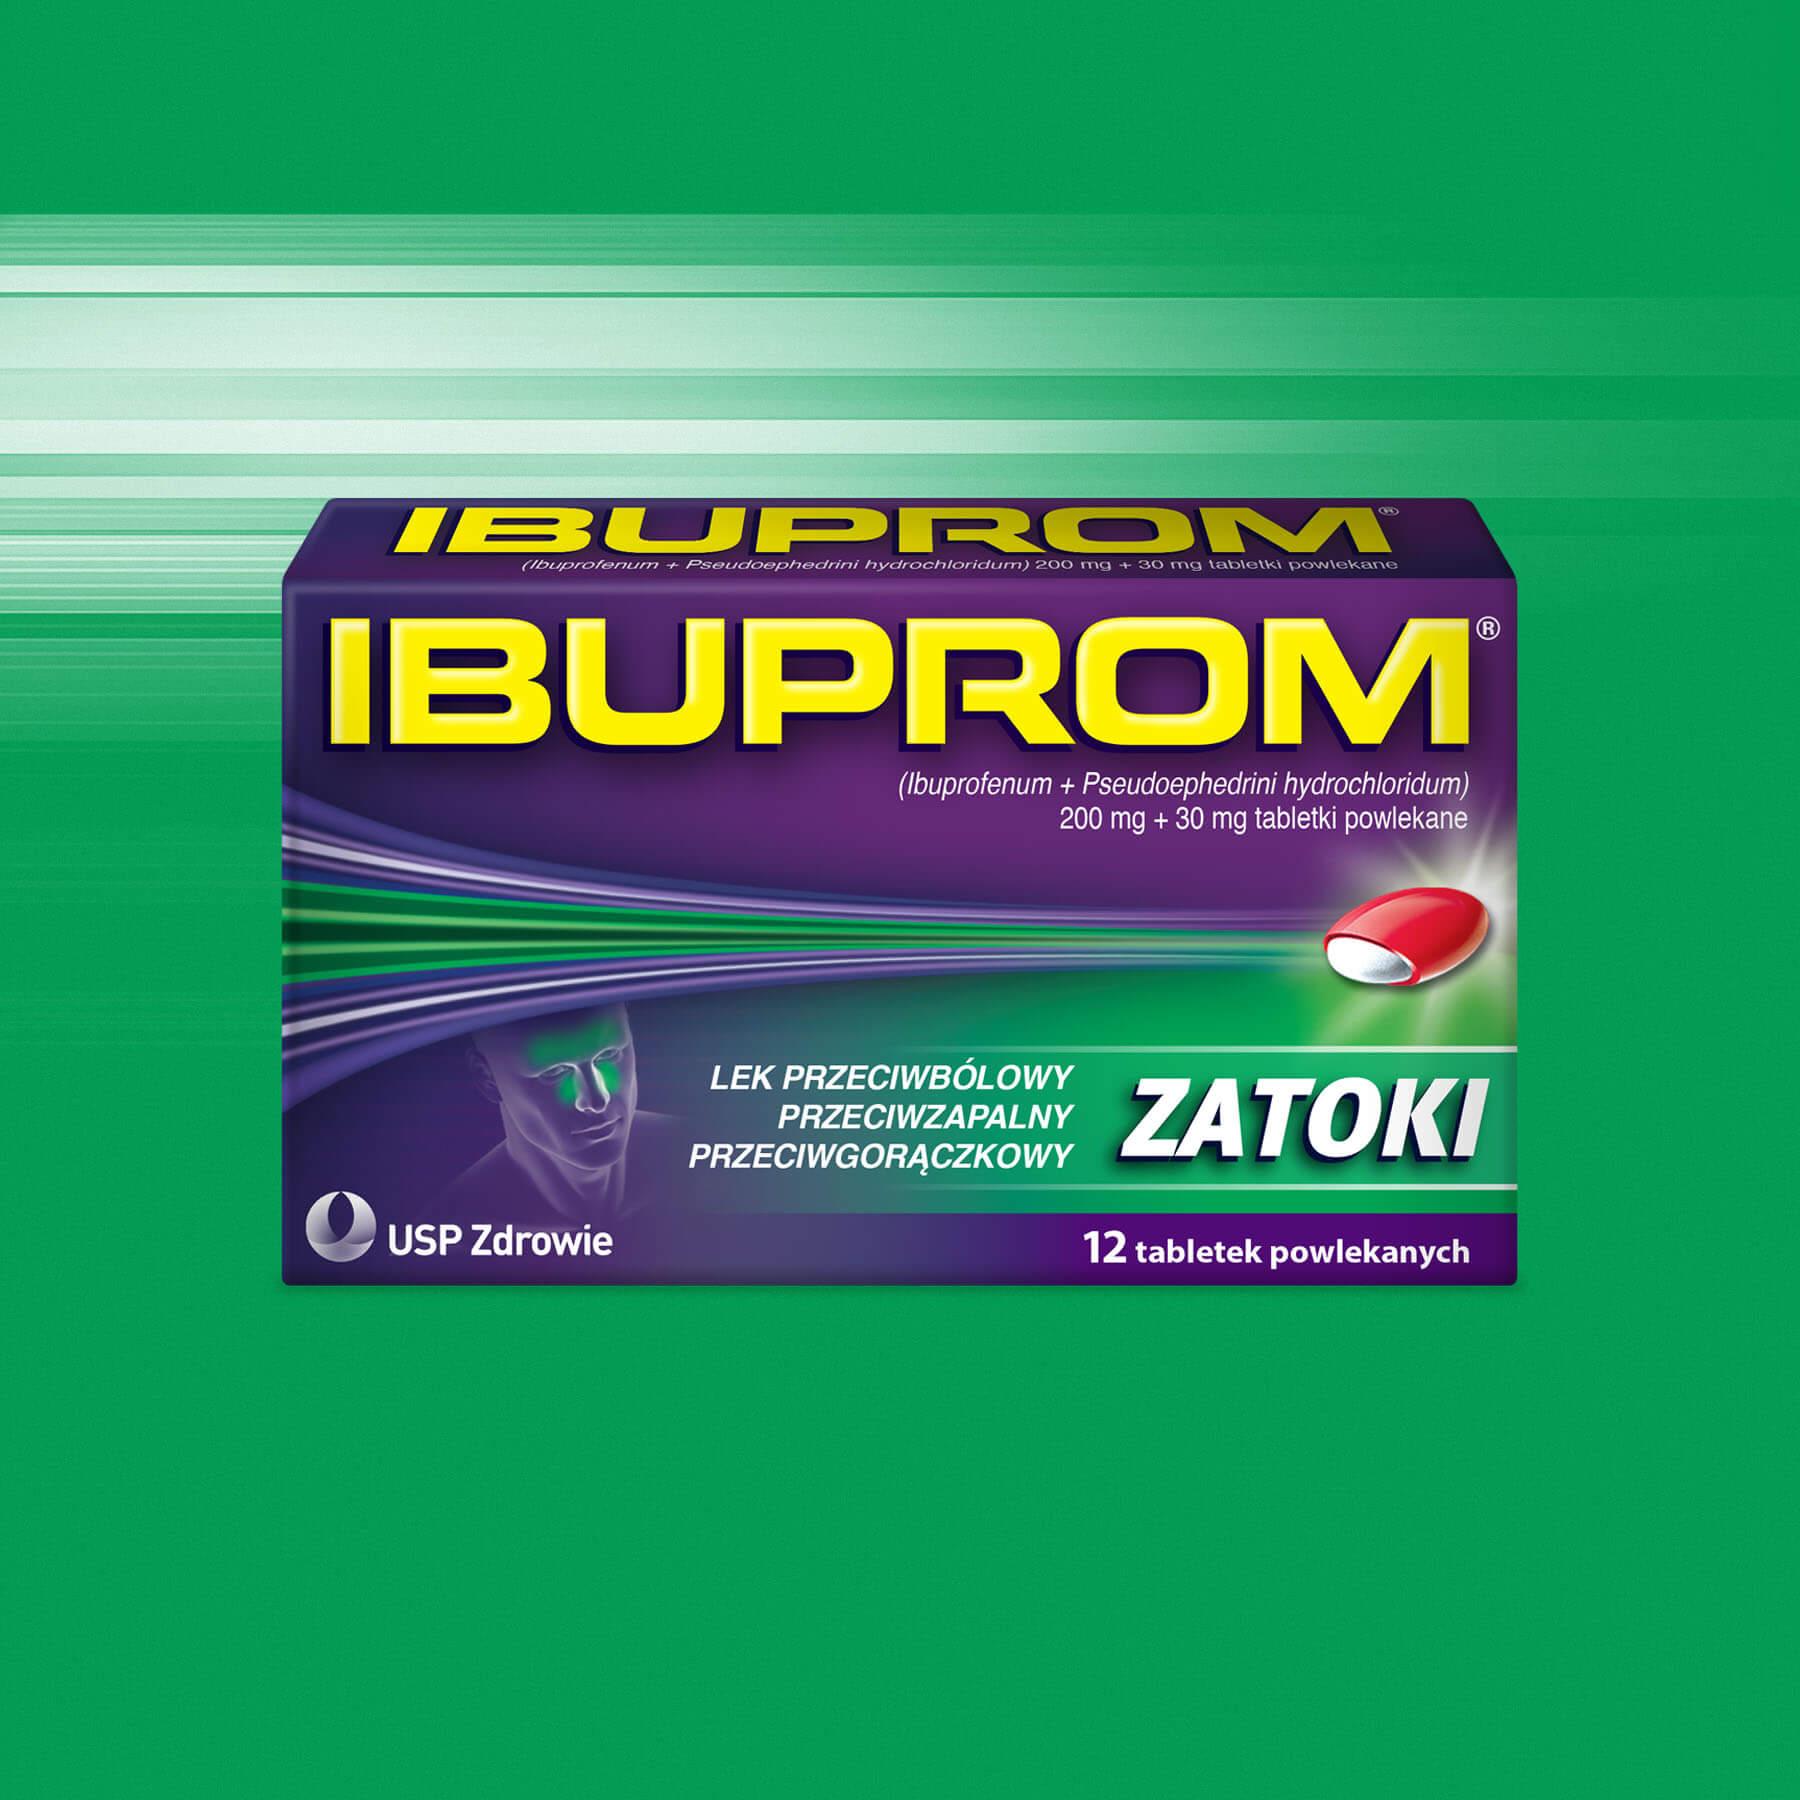 Ibuprom Zatoki Package Design